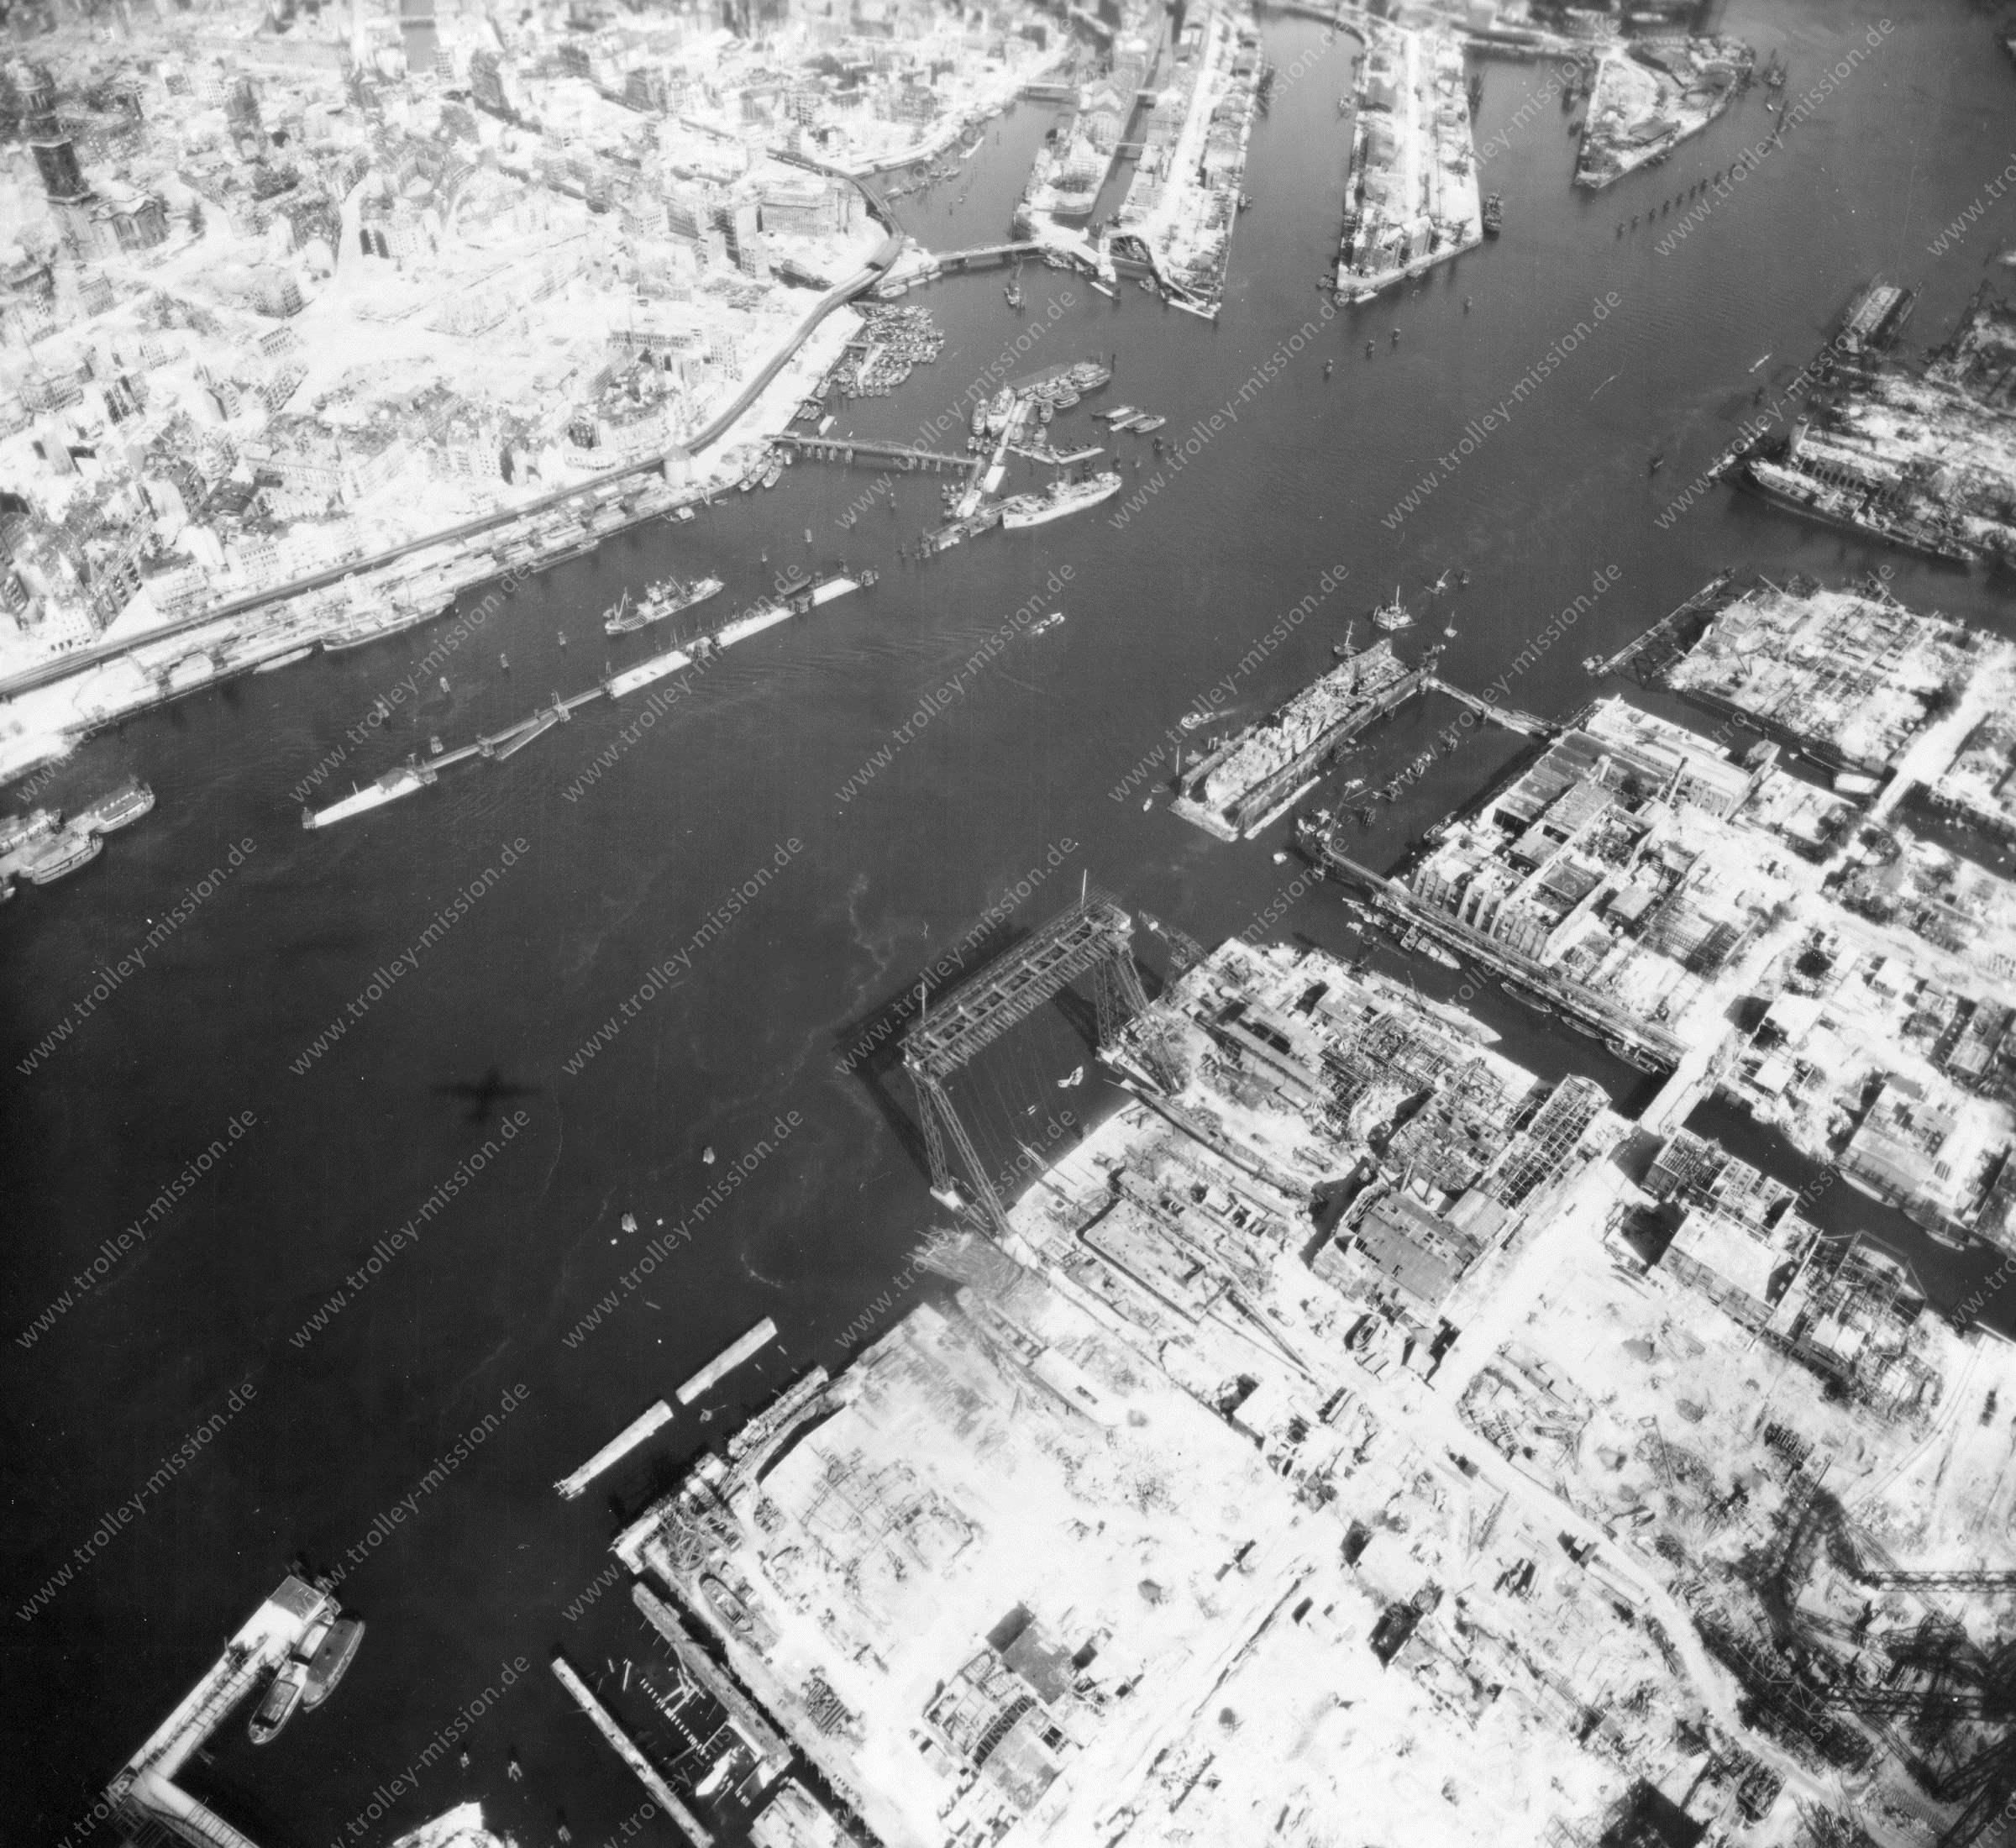 Luftbild von Hamburg und Hafen am 12. Mai 1945 - Luftbildserie 11/19 der US Air Force